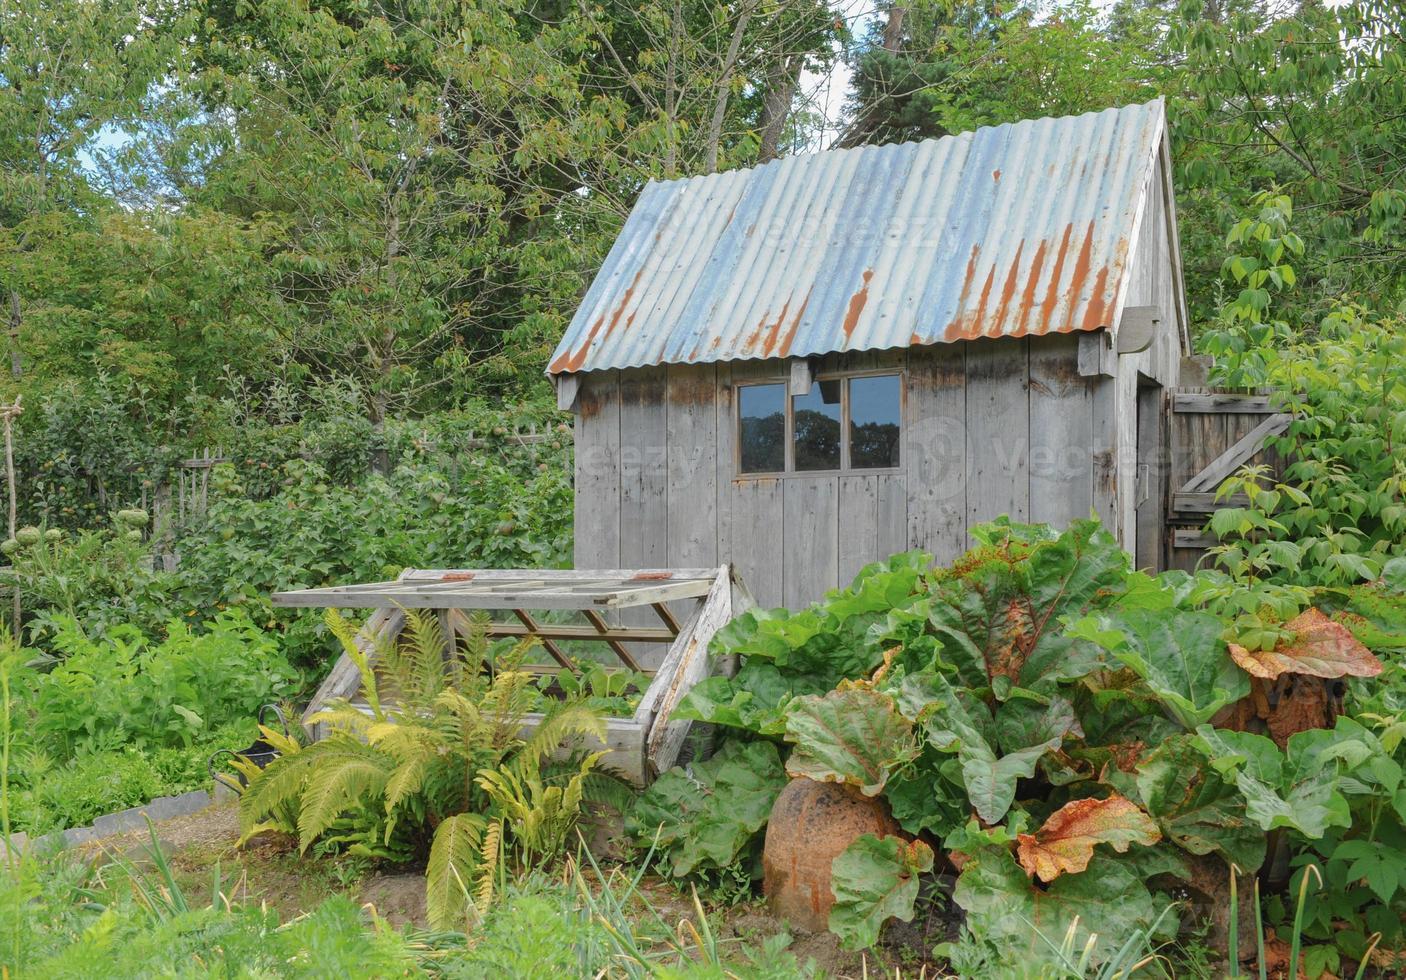 horta tradicional de frutas e vegetais em aldeia típica de Devon foto